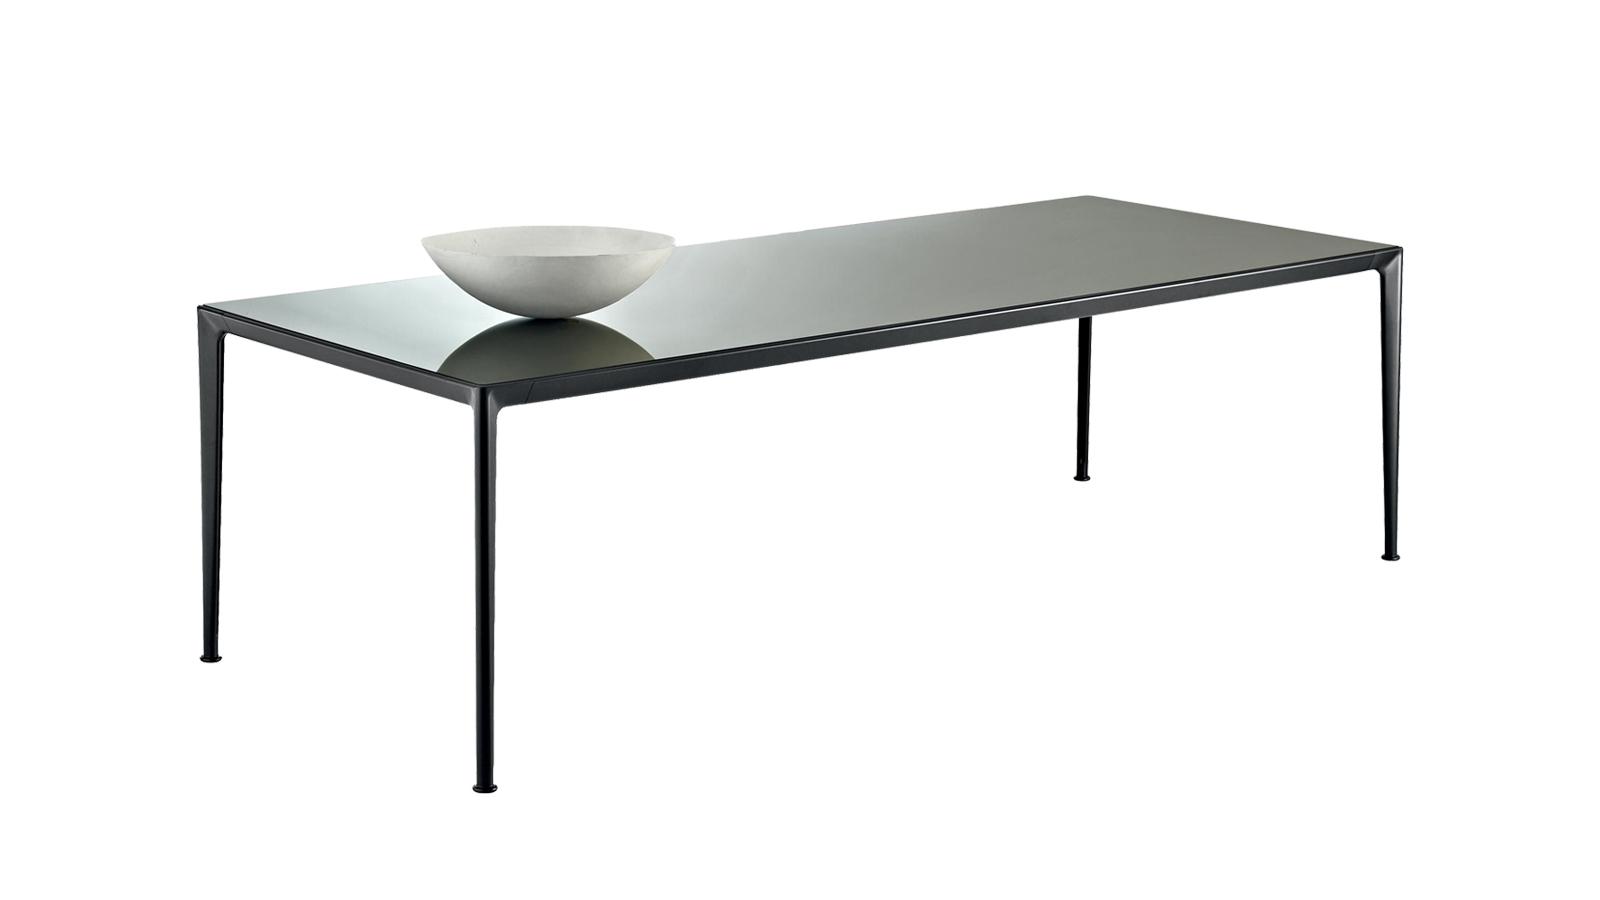 A Mirto beltéri bútorkollekció üde színfoltja ez a letisztult asztal. A CODE Showroomban több verzióban és méretben is elérhető, króm-alumínium struktúrája miatt pedig remek kiegészítője a minimál és indusztrális stílusú otthonoknak egyaránt.